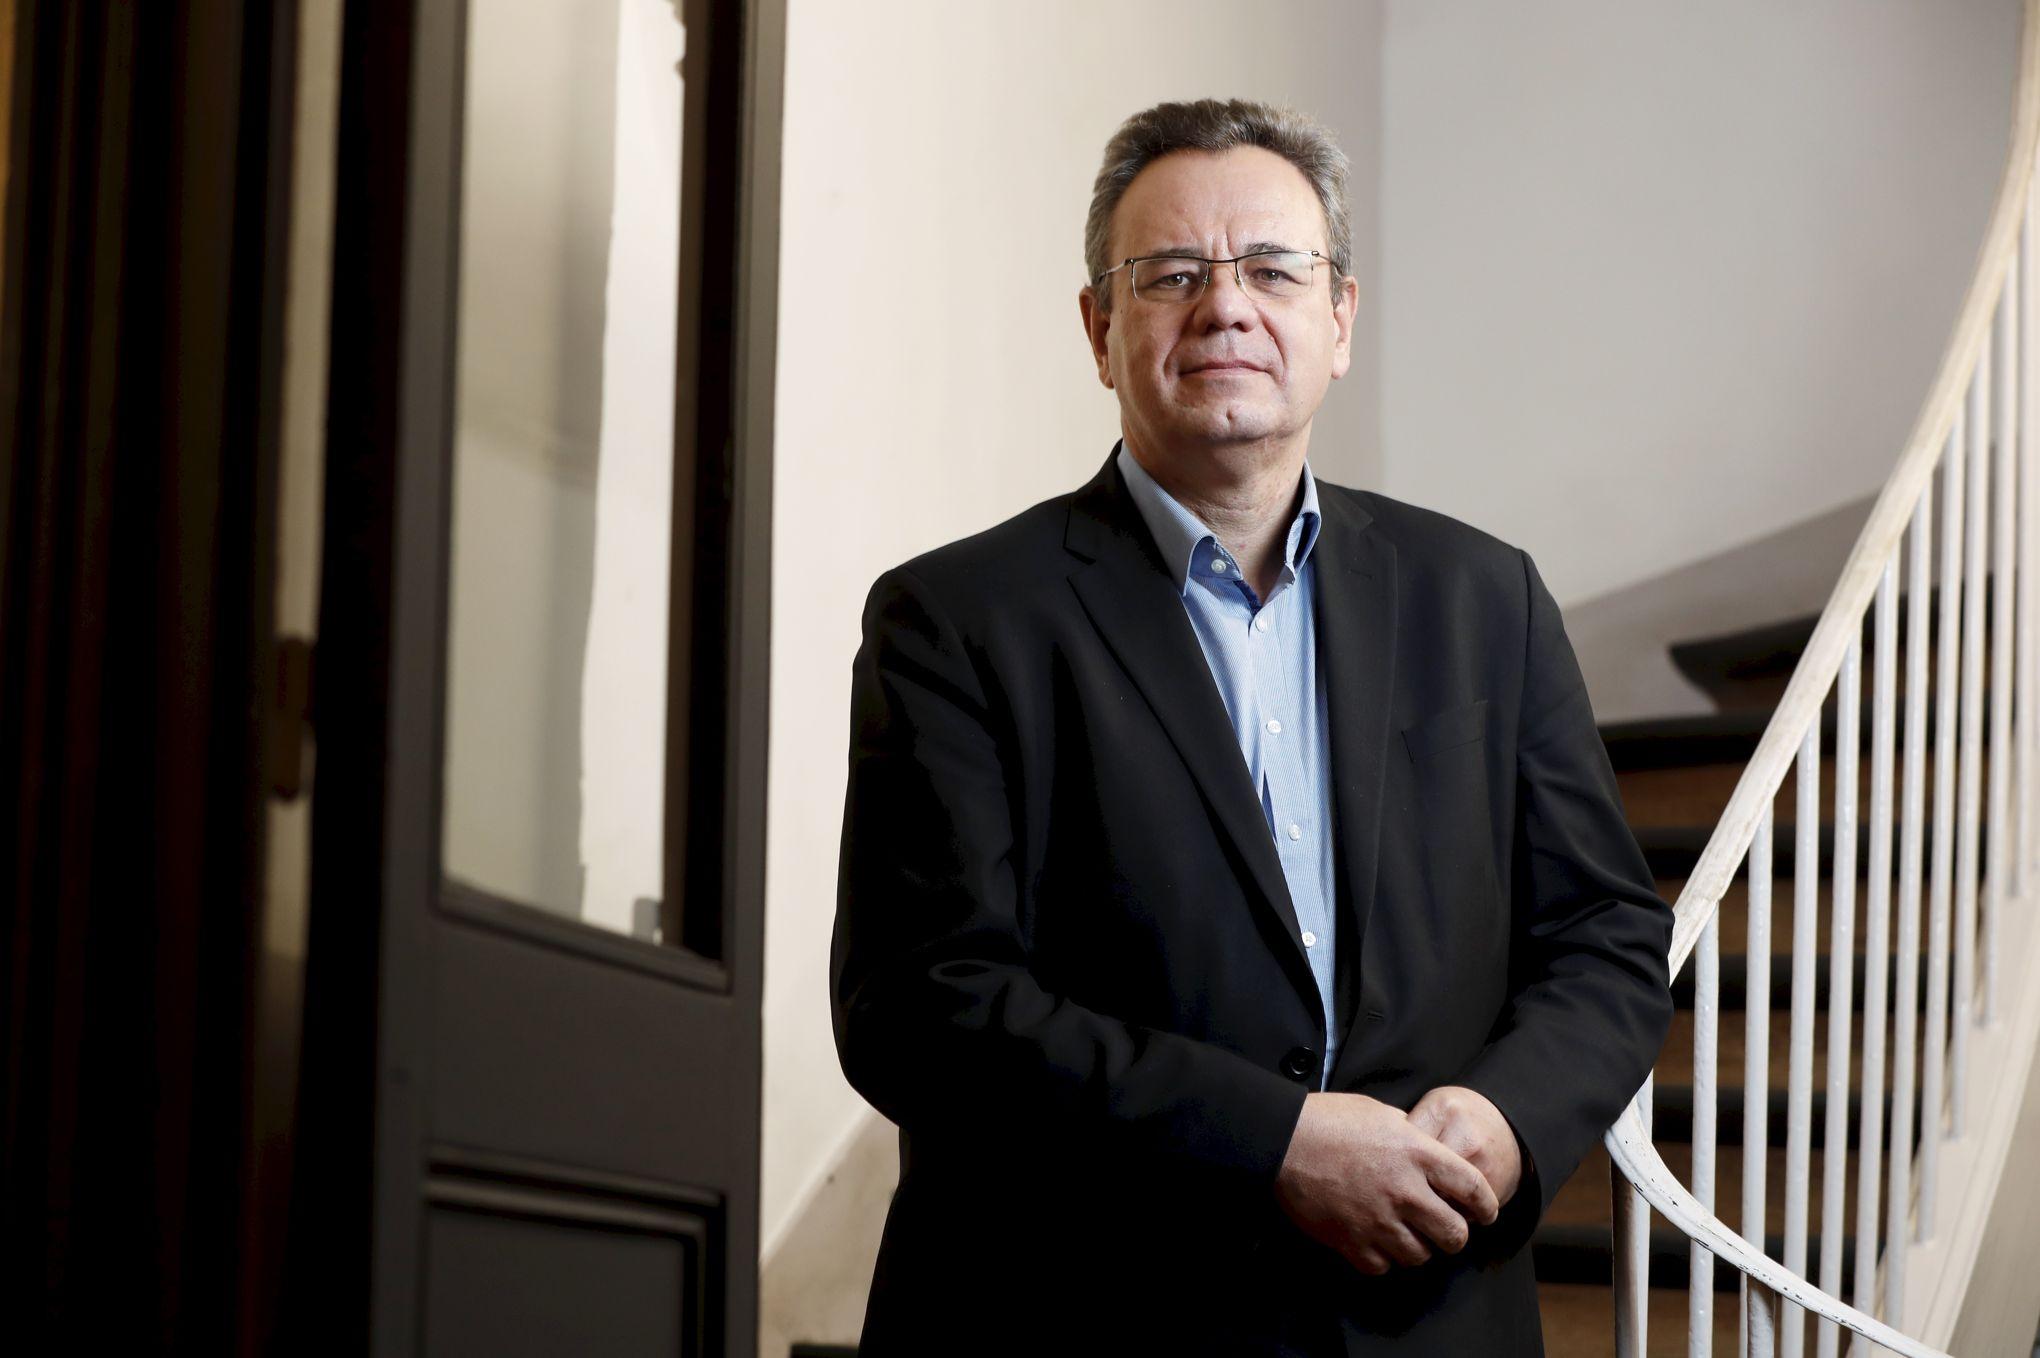 «Le bilan de la vente d'Alstom est catastrophique pour l'emploi et pour notre souveraineté»